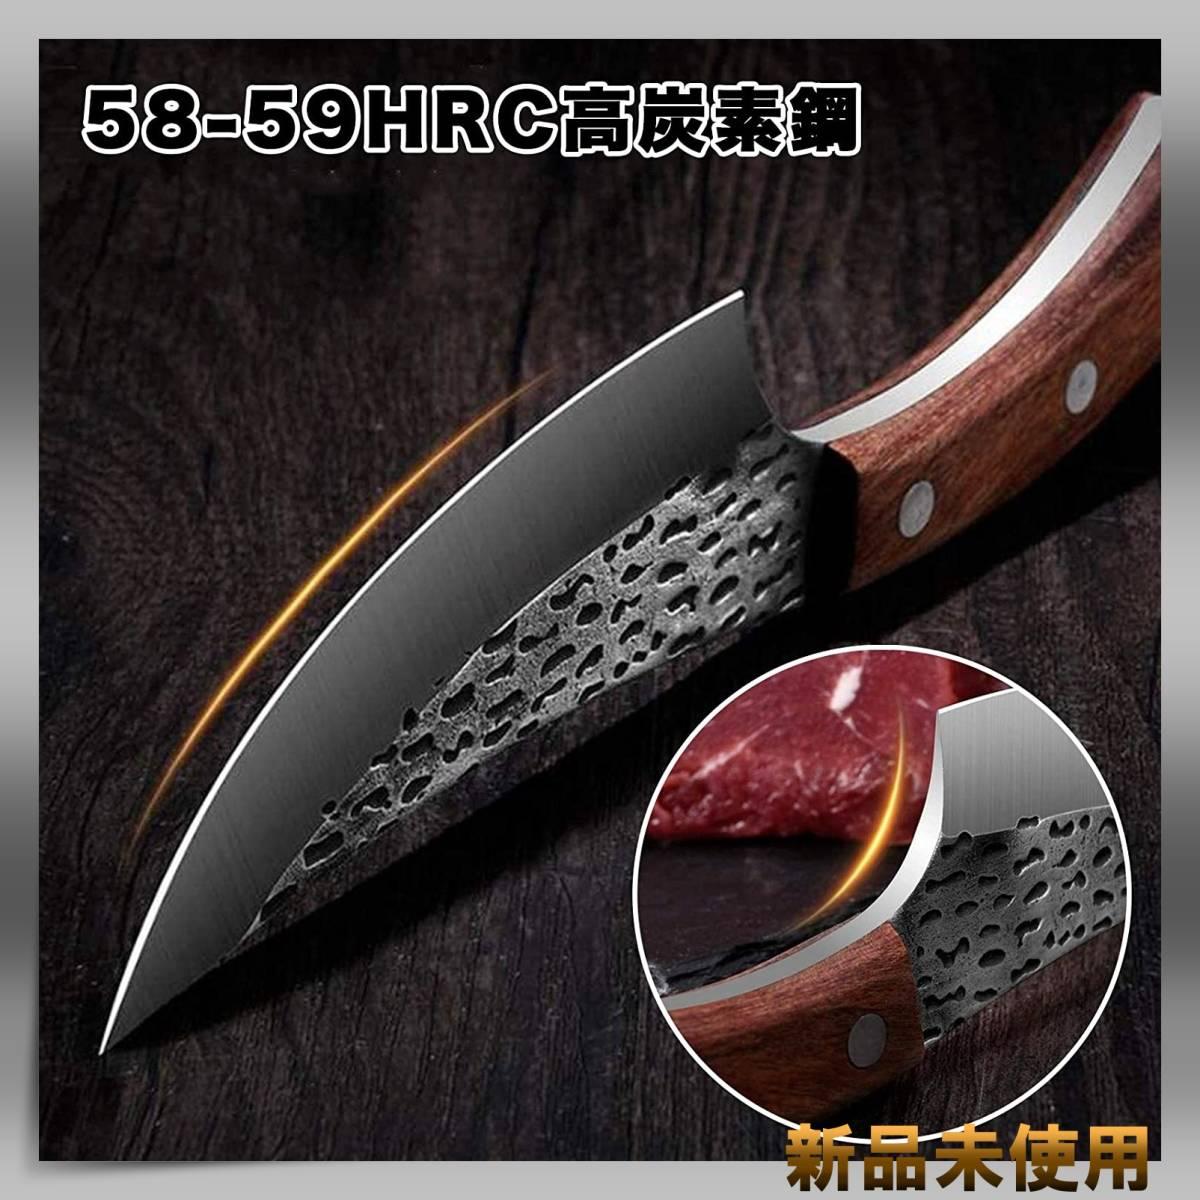 シースナイフ アウトドア包丁 高炭素鋼 ナイフ アウトドア用 ボーニングナイフ 狩猟解体包丁 本革の収納袋付き